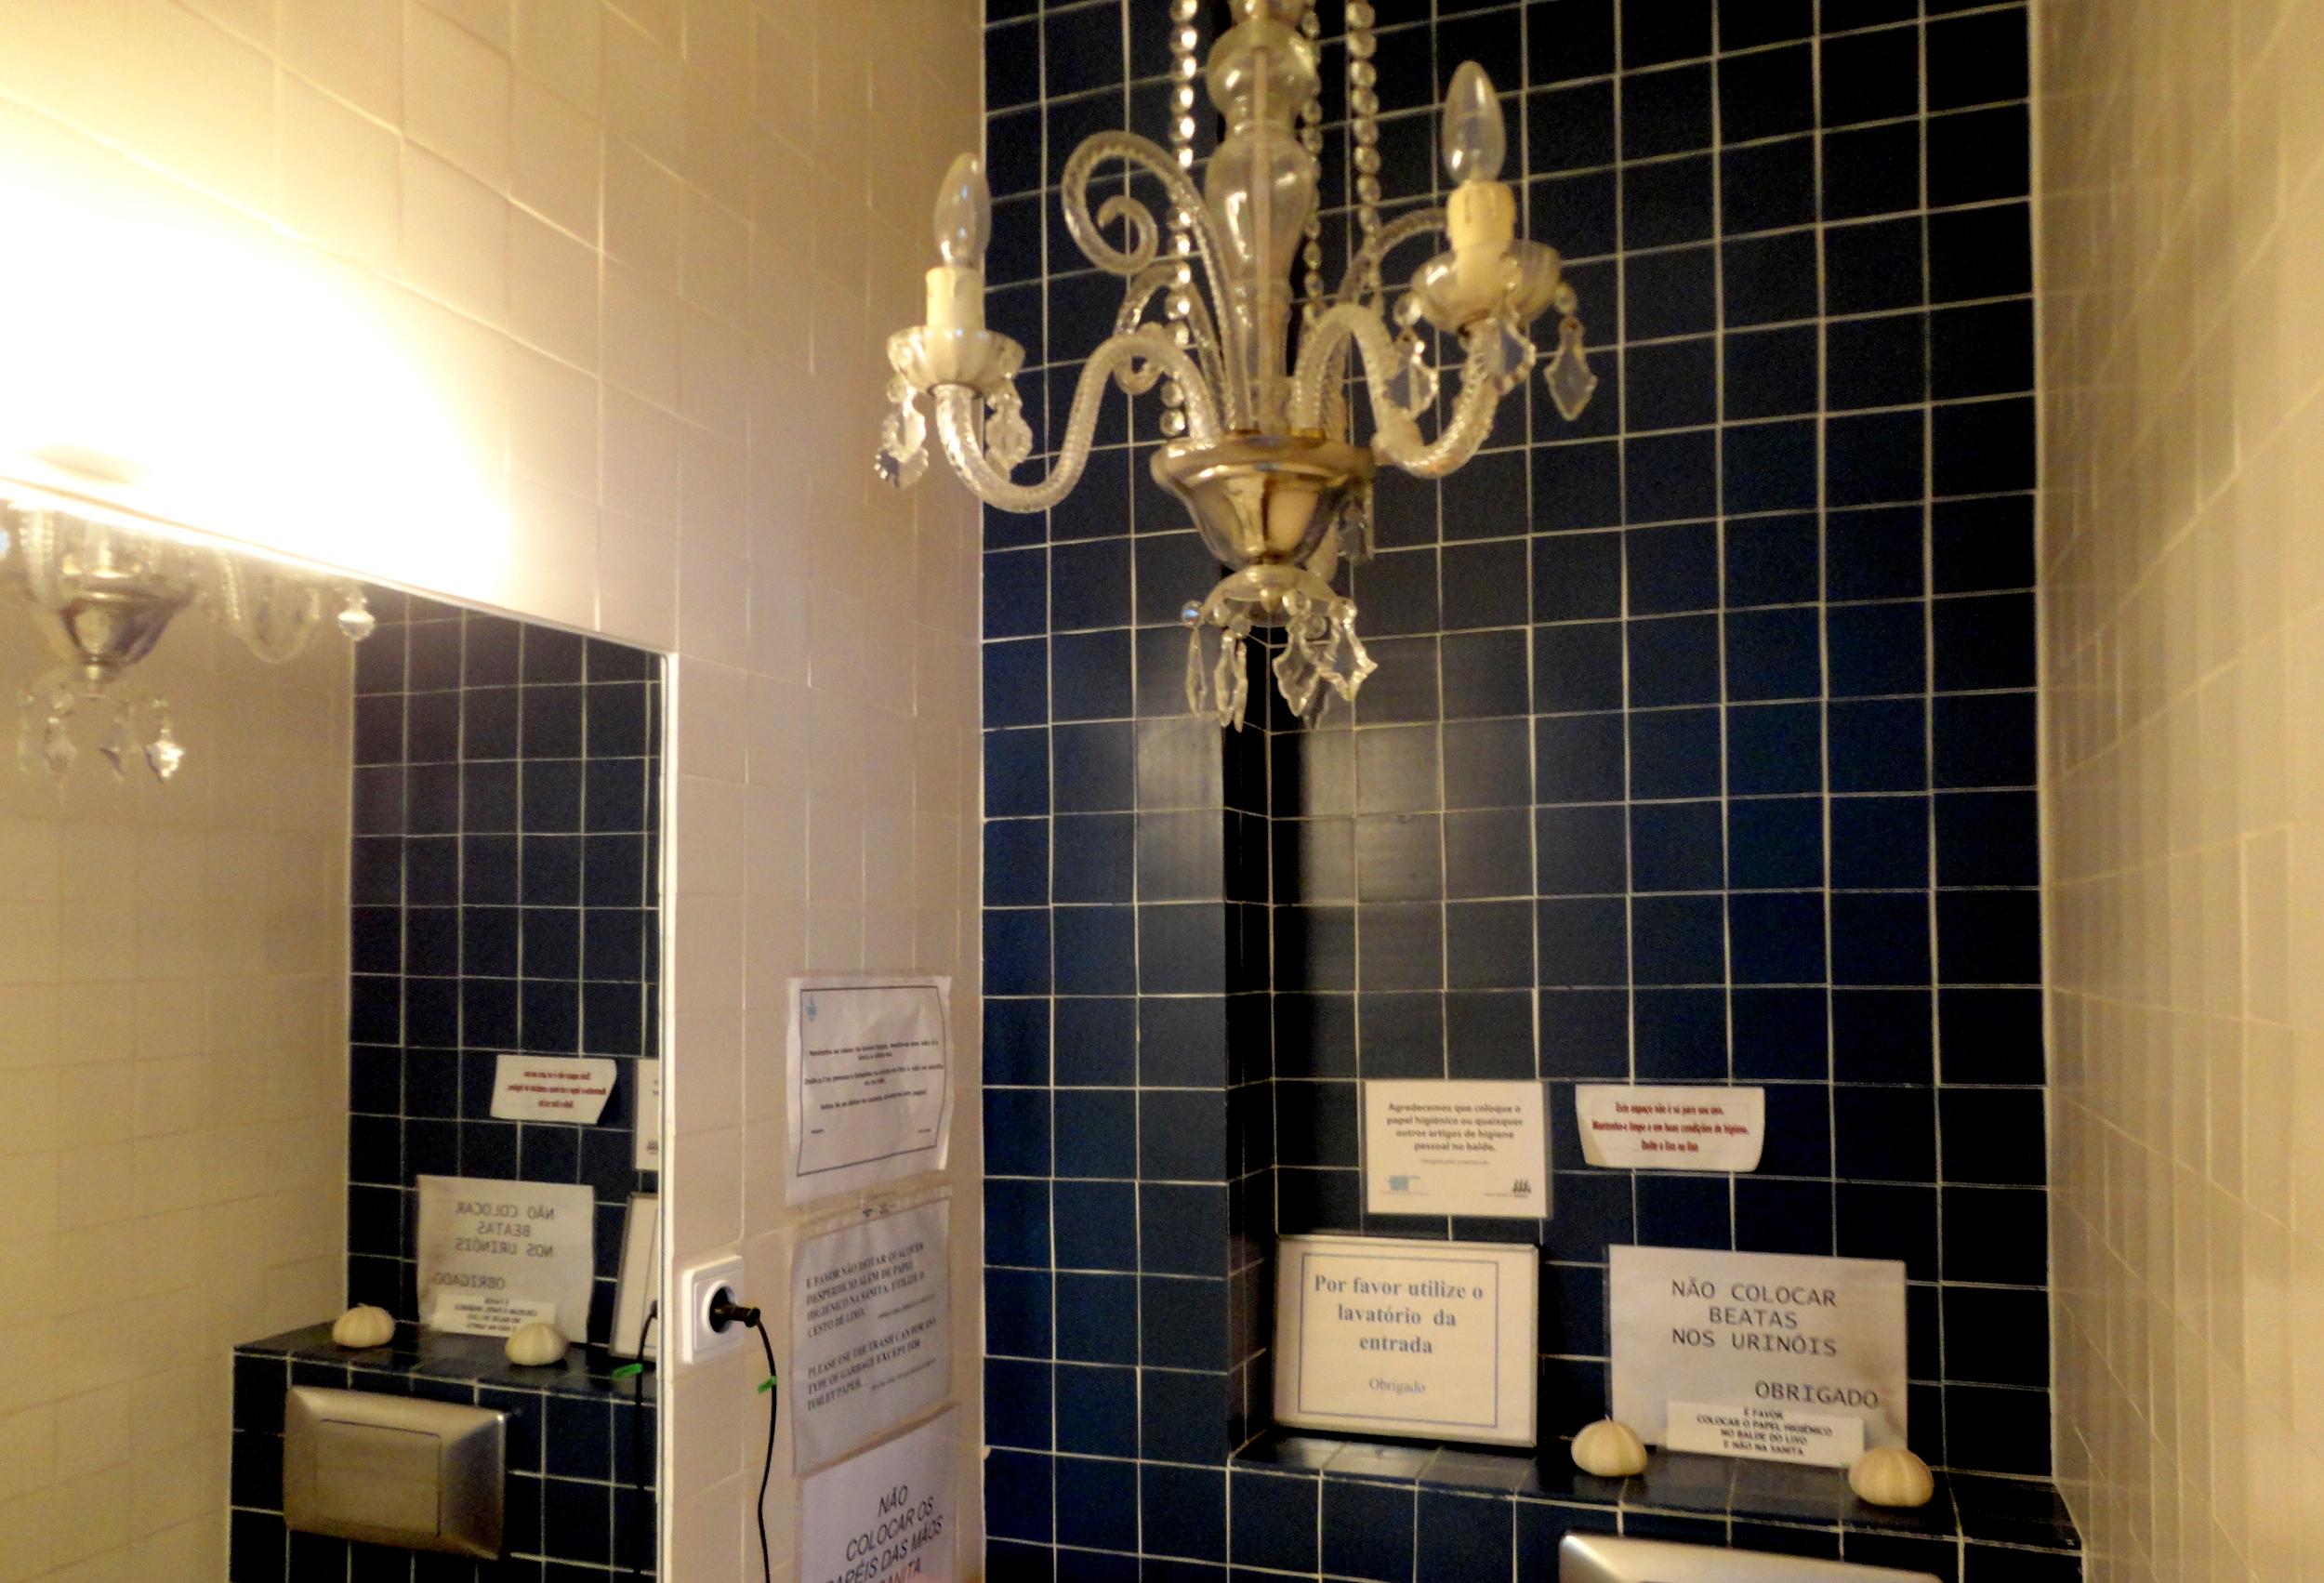 powder room para as visitas (mas sem proibições).